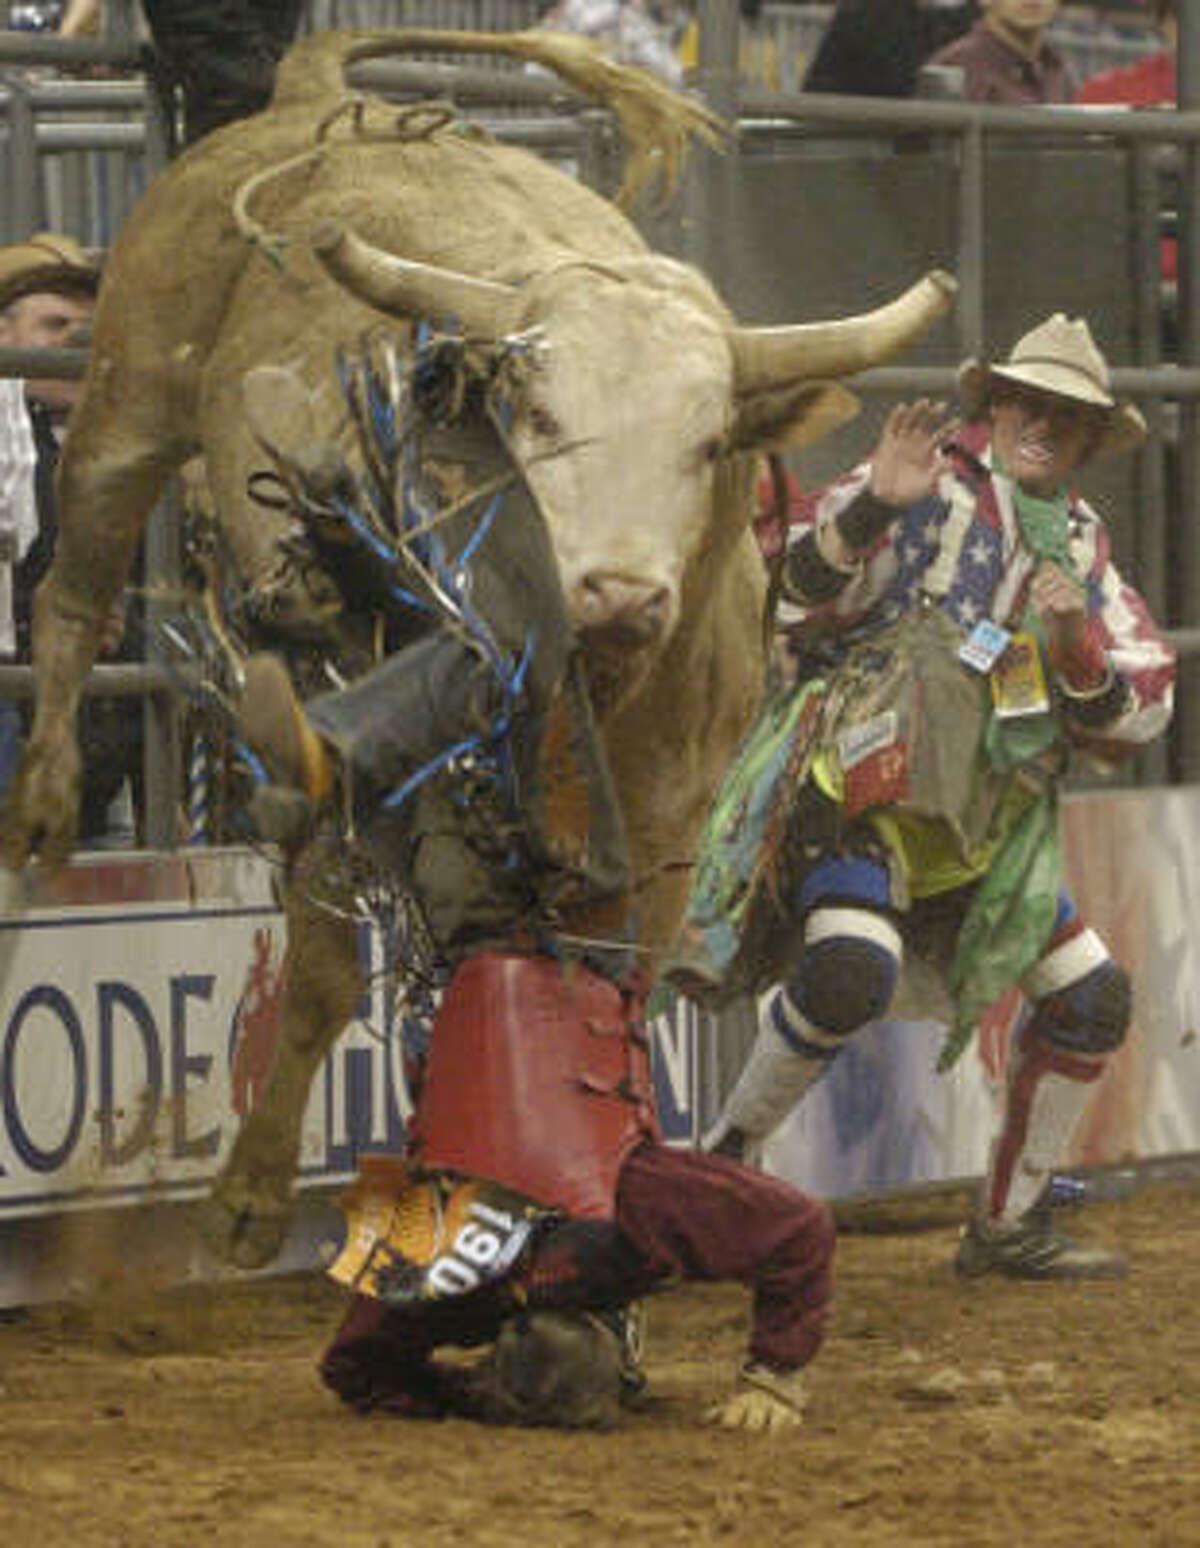 Kasey Hayes of Liberal, Kansas takes a header off a bull named Joe Joe.